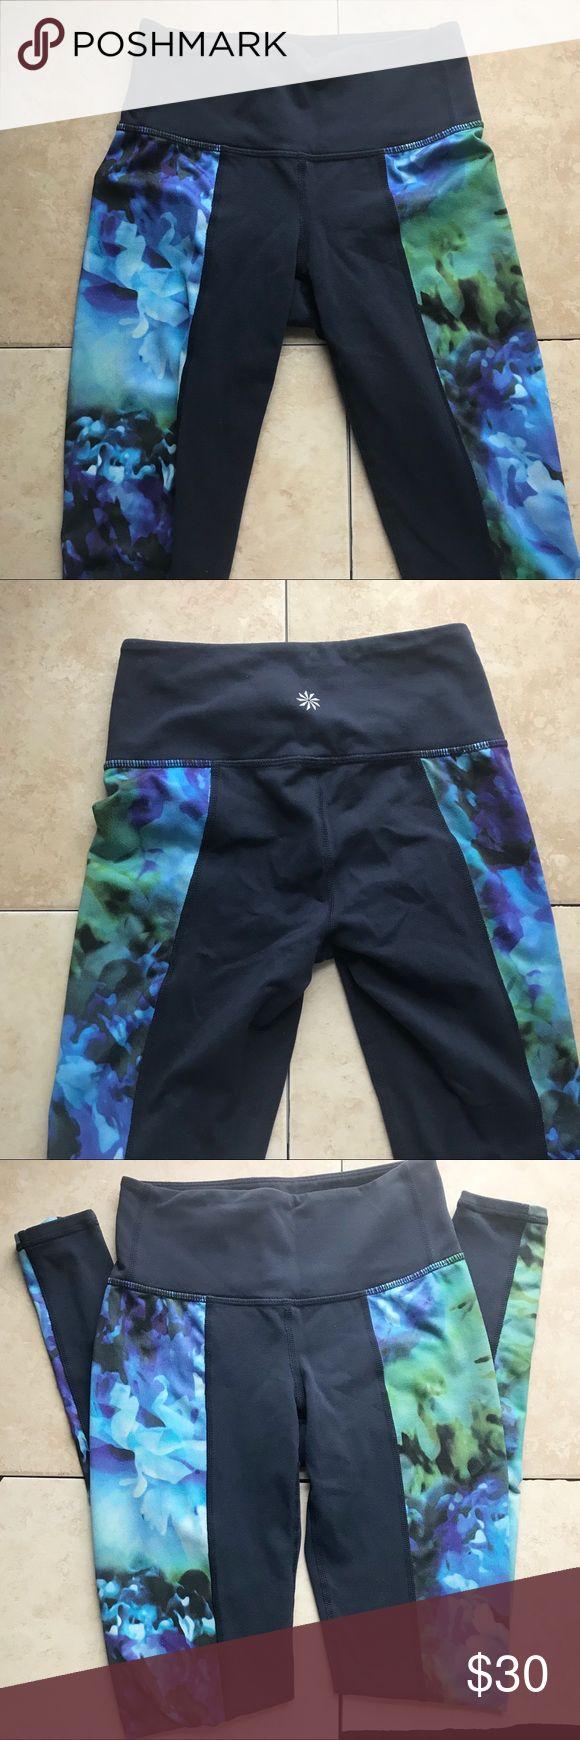 Athleta Navy Tights XXS Good condition size XXS Athleta Navy tights with side floral panels cute. Athleta Pants